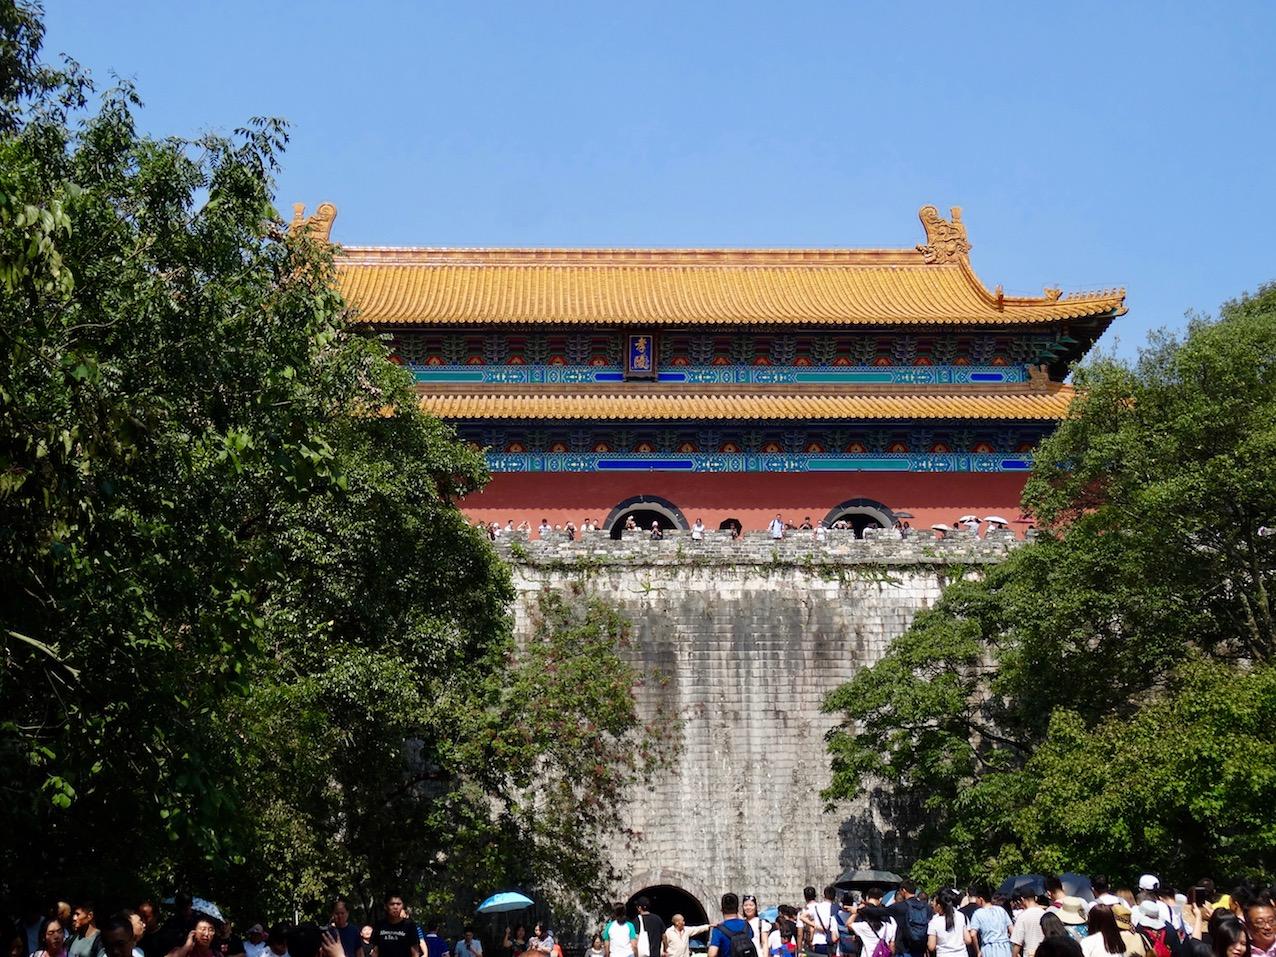 Ming Lou Soul Tower Xiaoling Tomb of The Ming Dynasty Zhongshan National Park Nanjing China